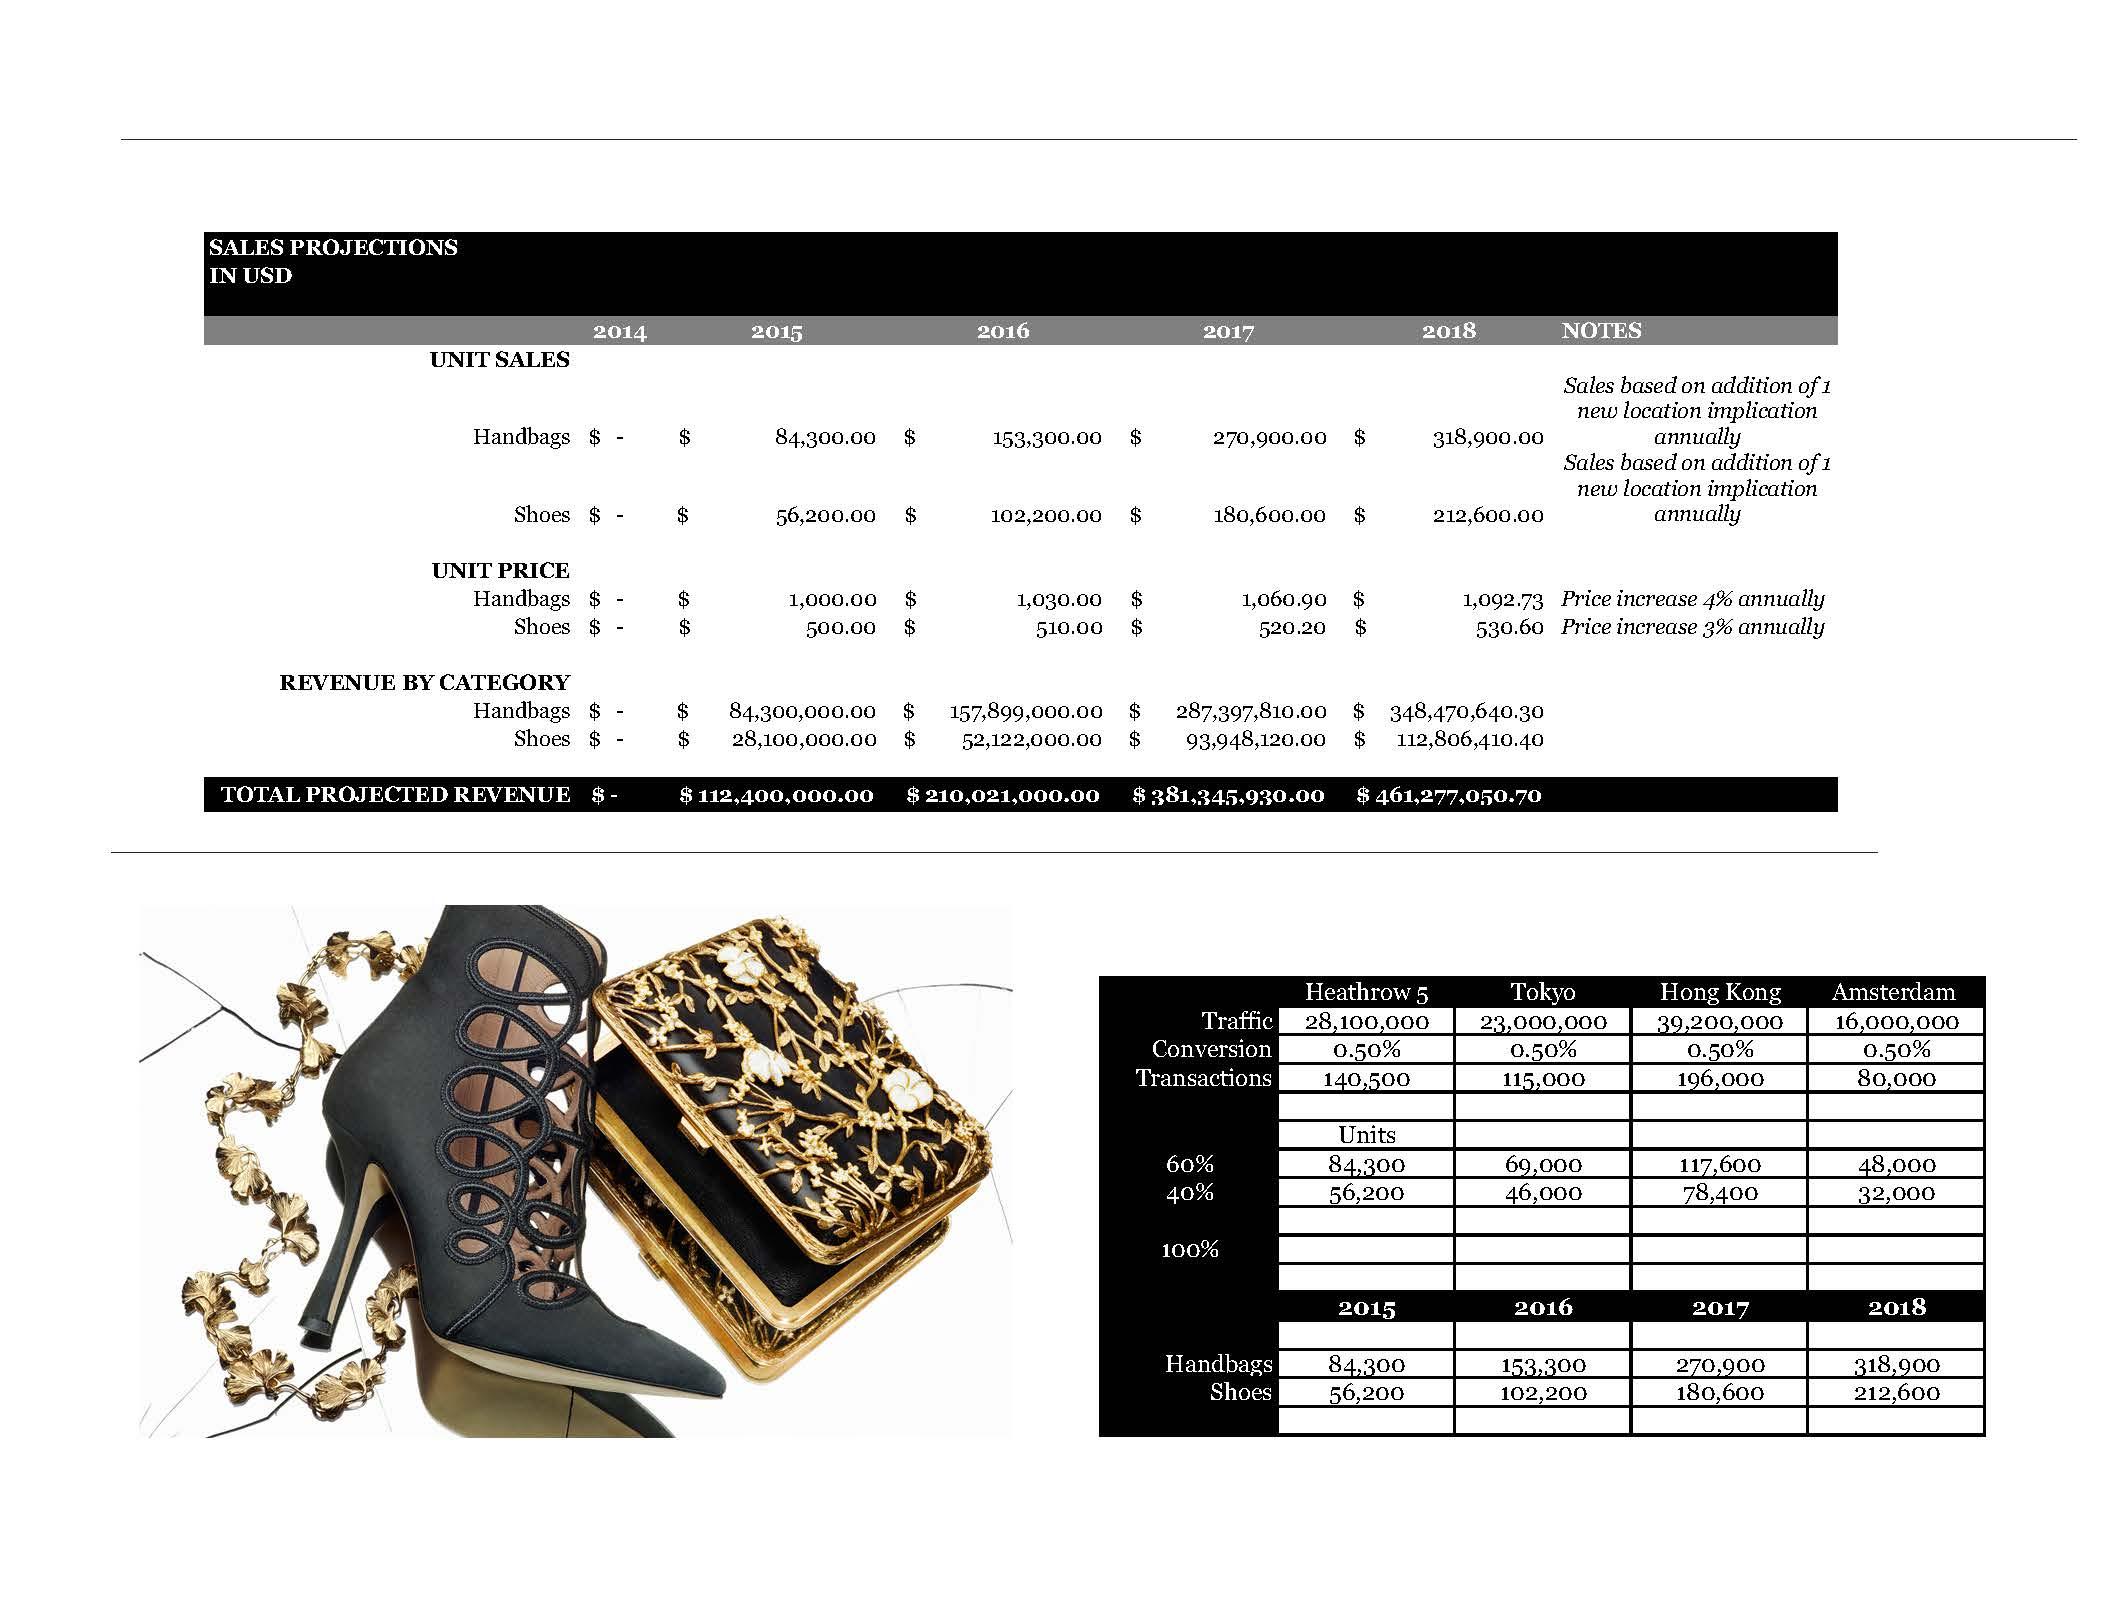 NAPPresentationJPEG_Page_27.jpg